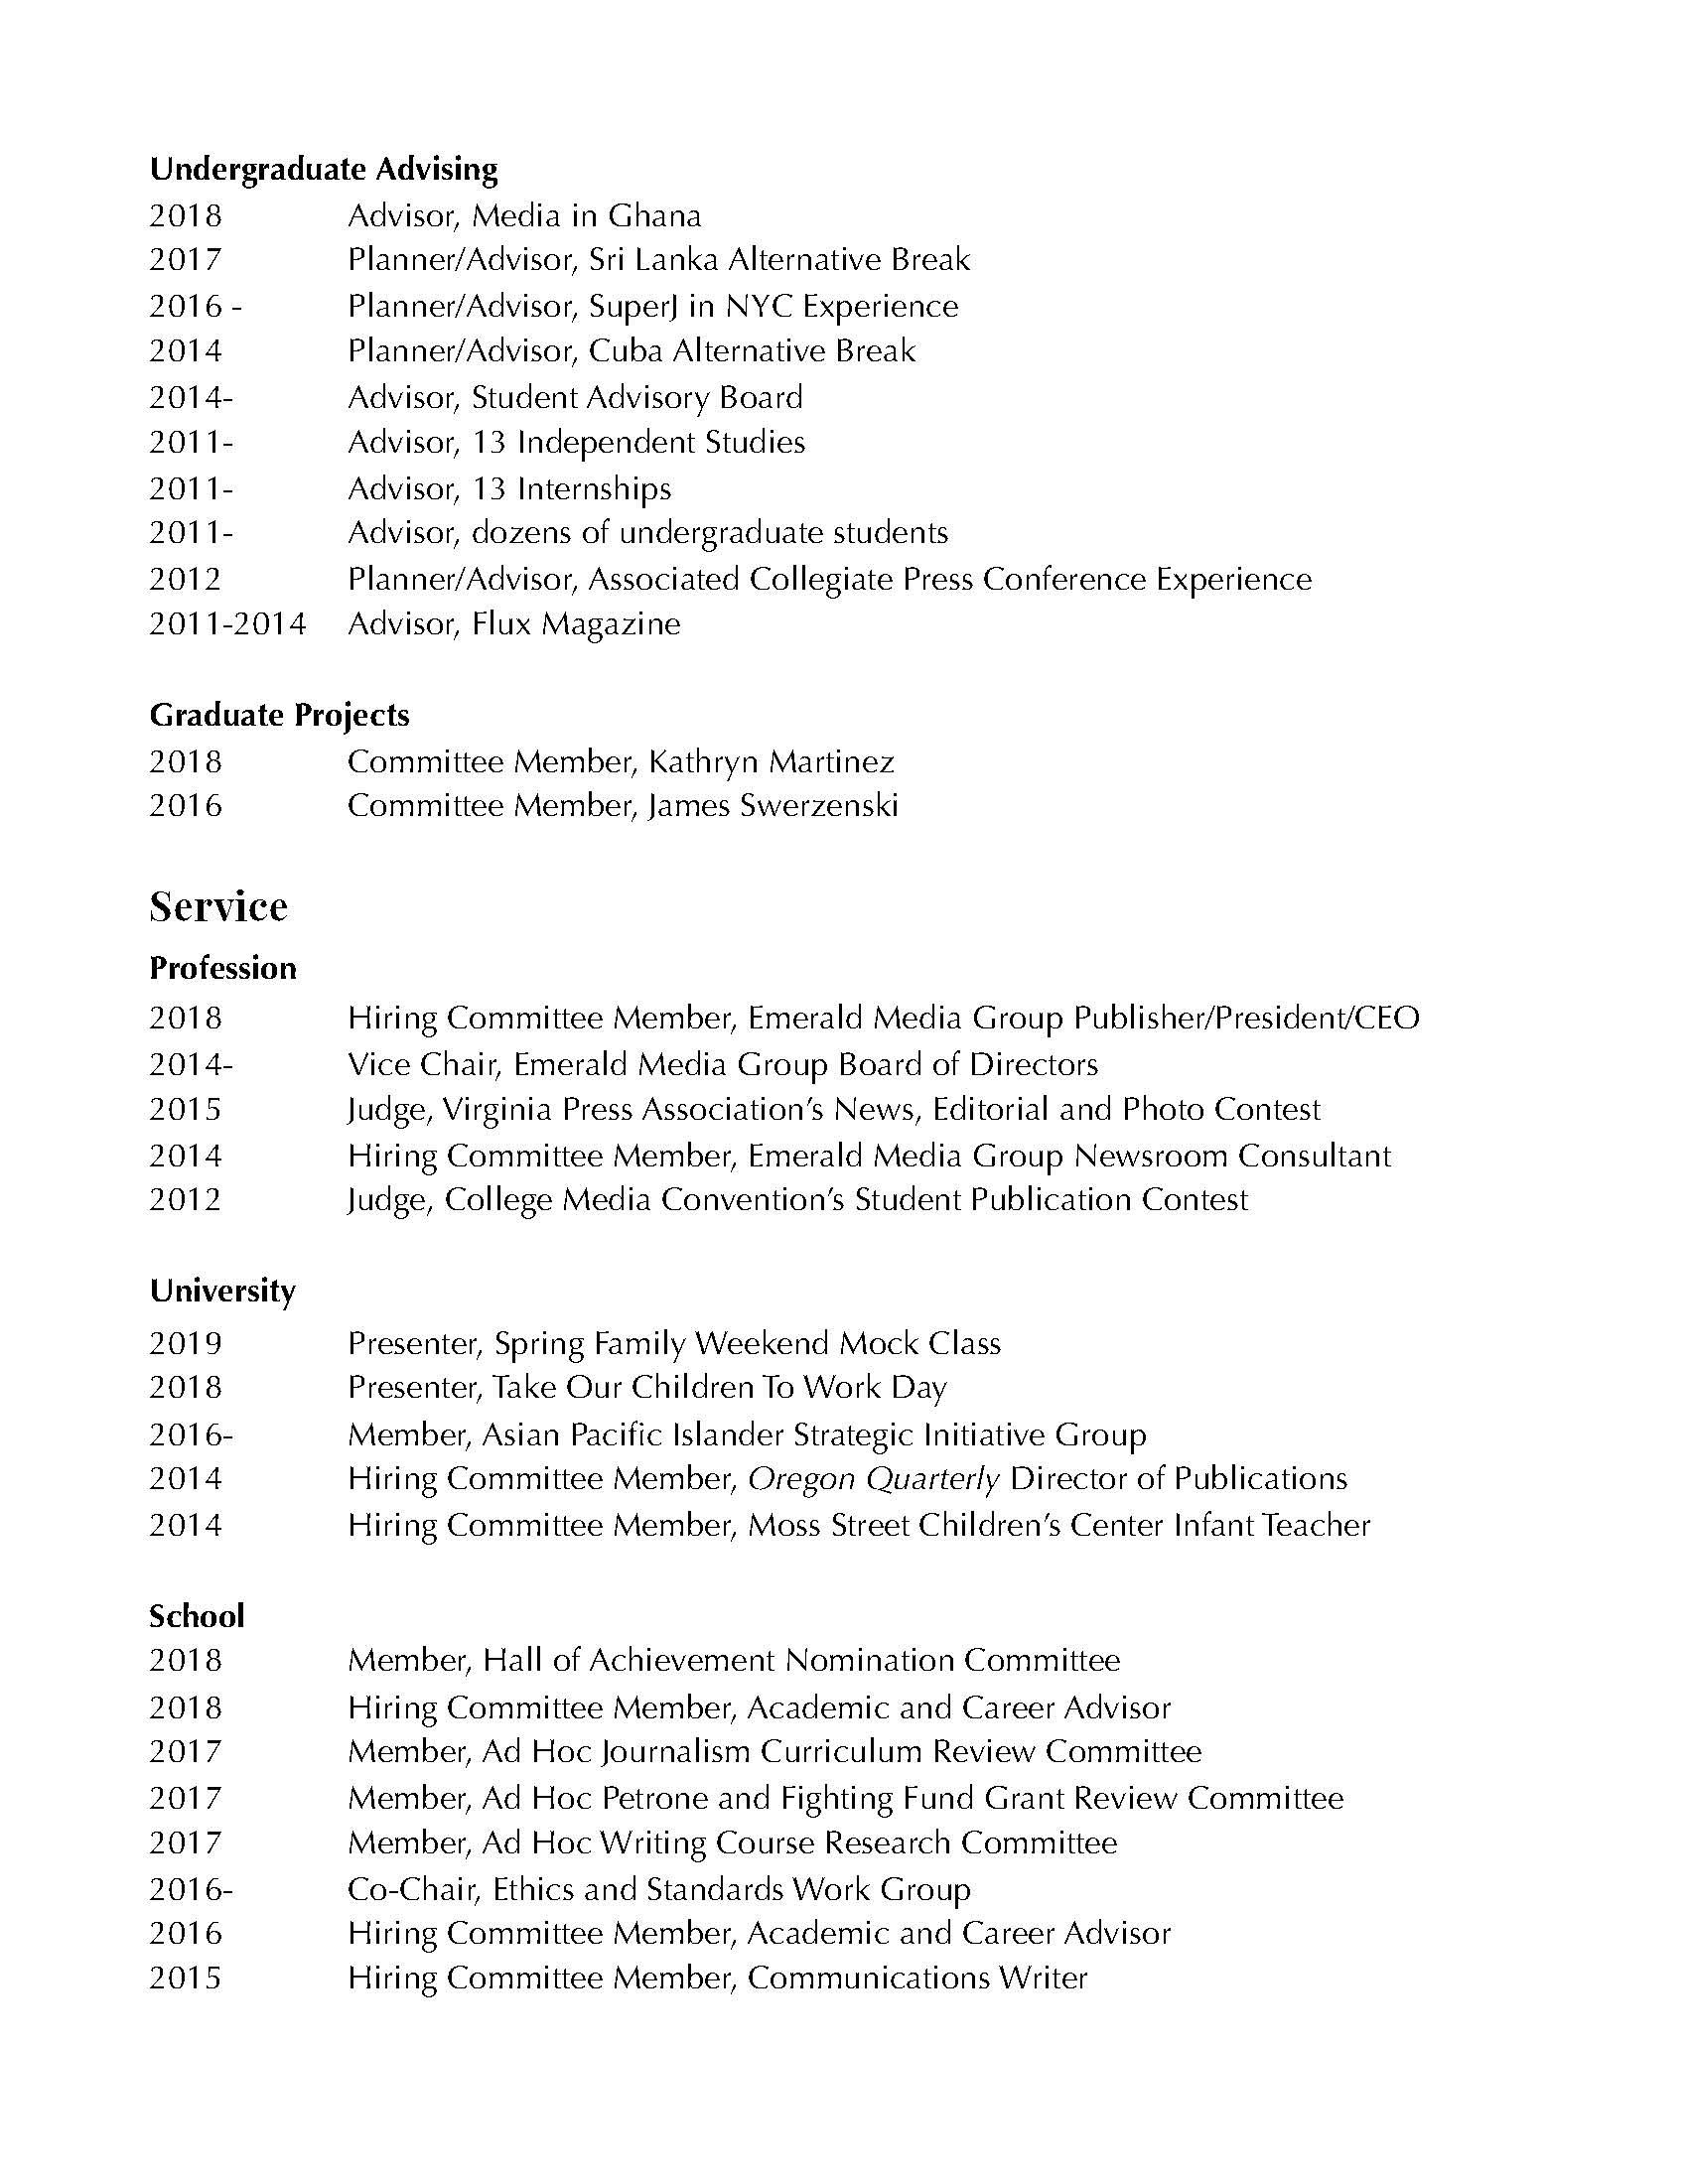 Lisa Heyamoto CV 8-22-19_Page_6.jpg